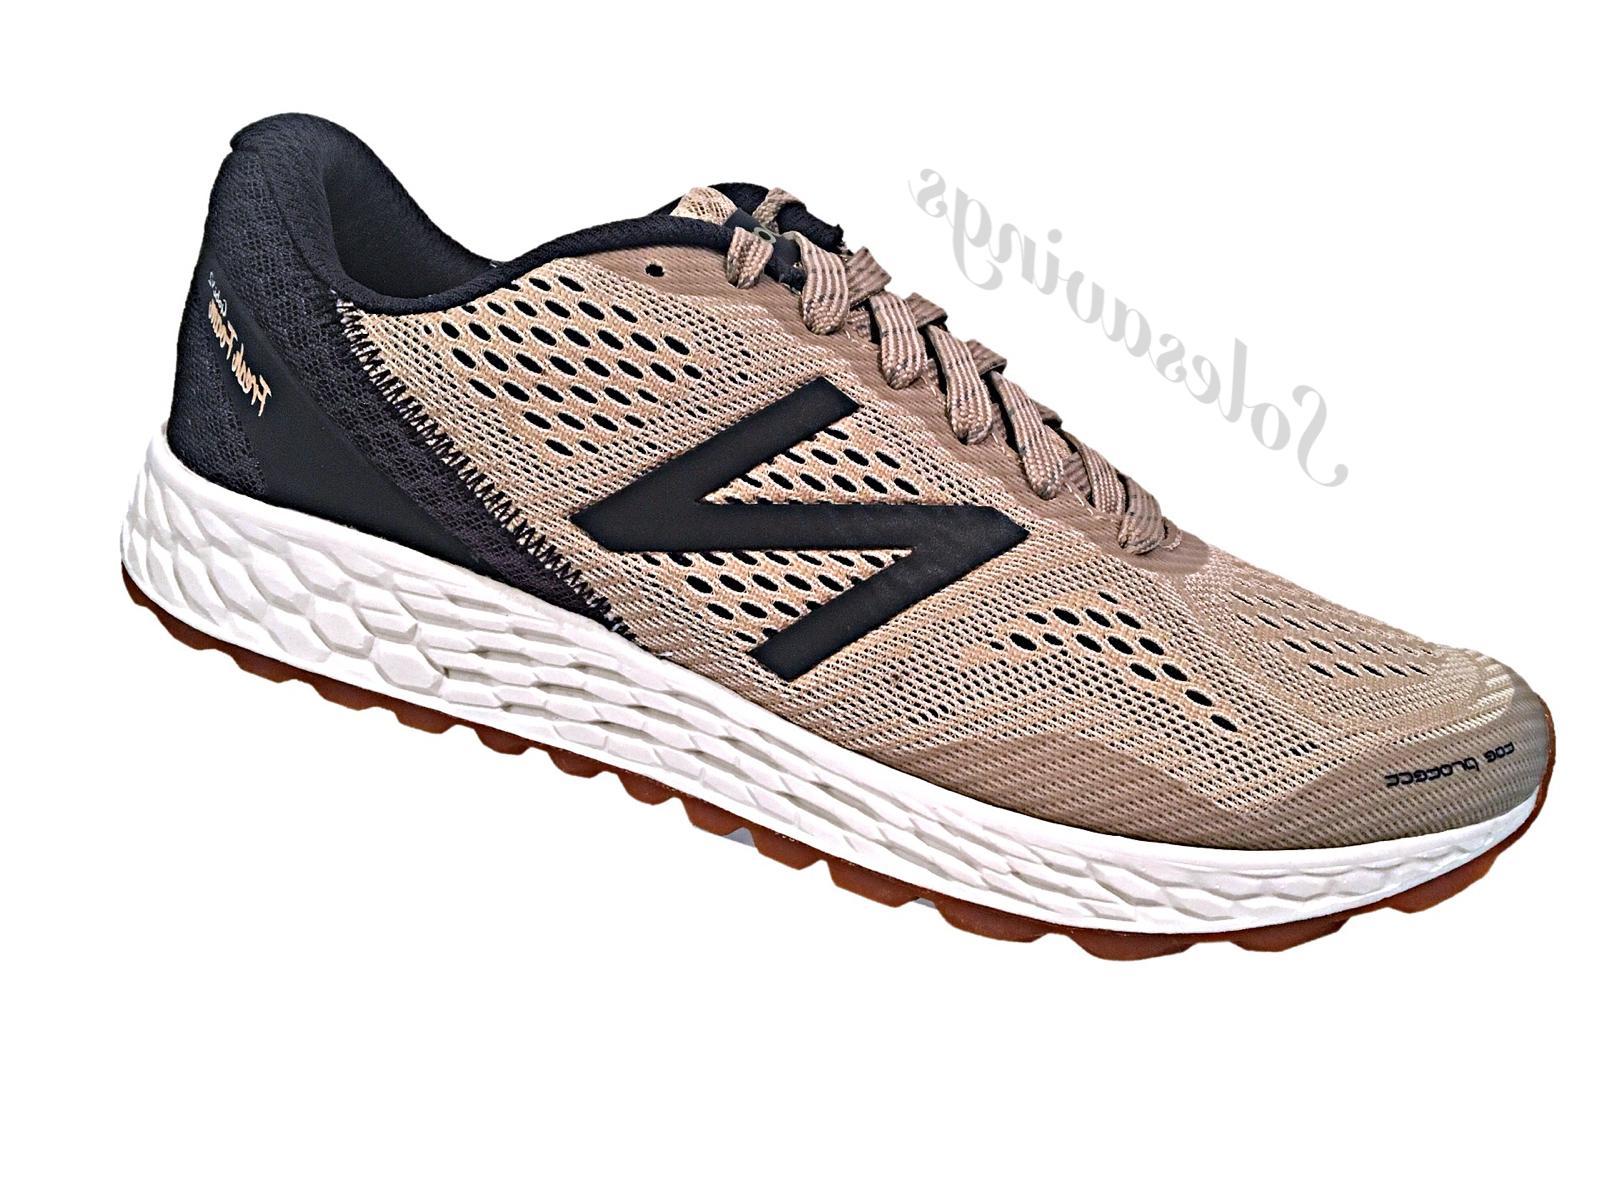 New Balance Men's Trail Running Shoes Fresh Foam Gobi V2 Bei